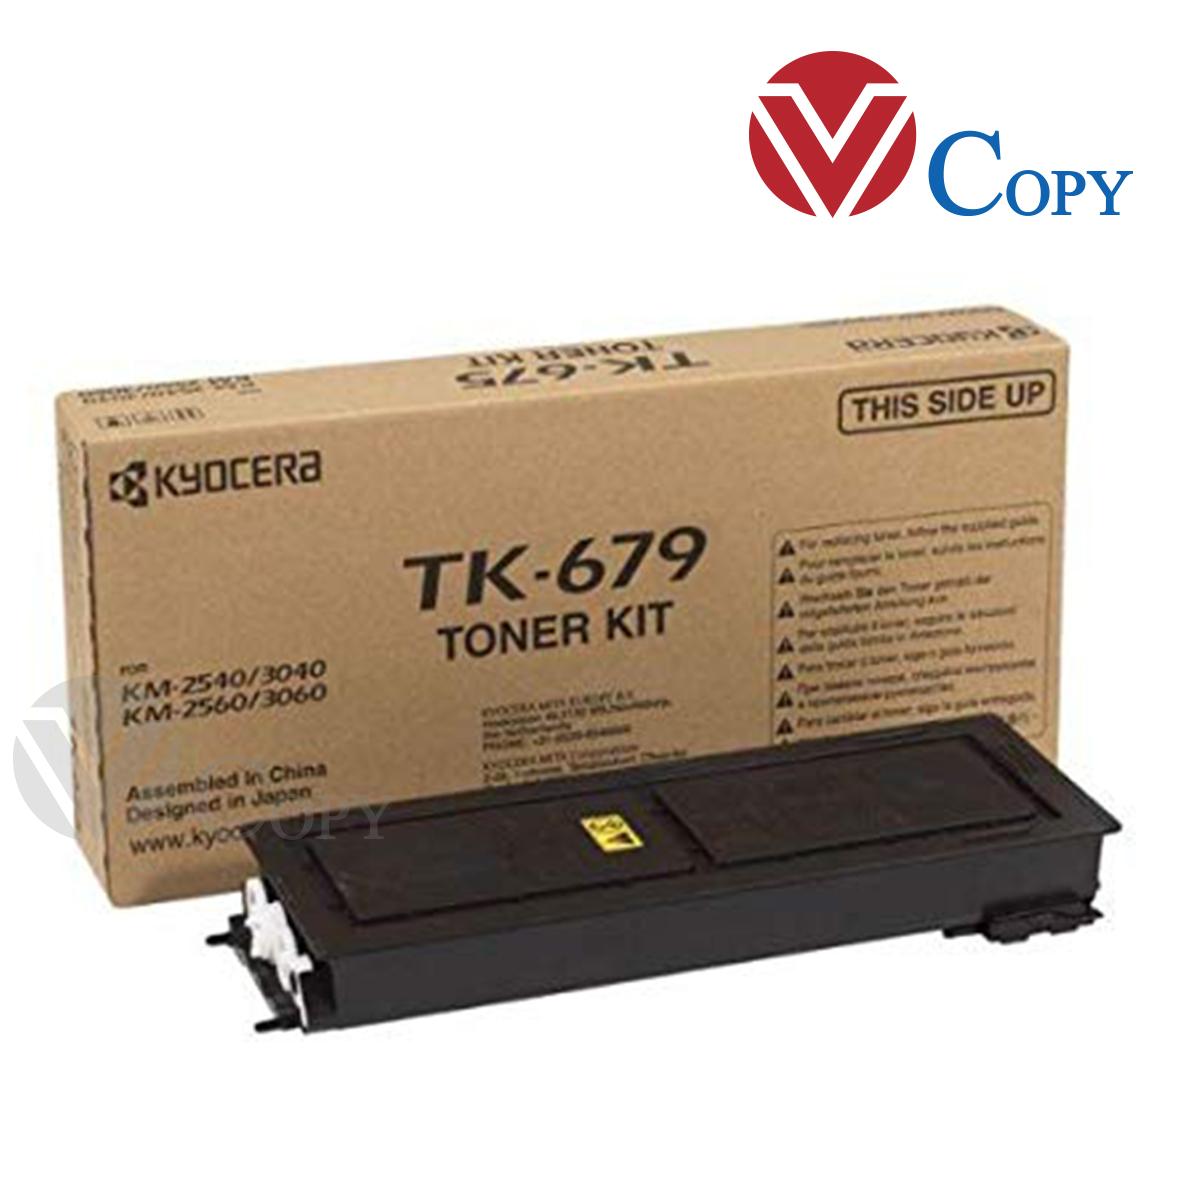 Mực Thương hiệu dùng cho máy Photocopy Kyocera KM 2540/ 2560/ 3040/ 3060/ 300i- Hộp mực TK 679